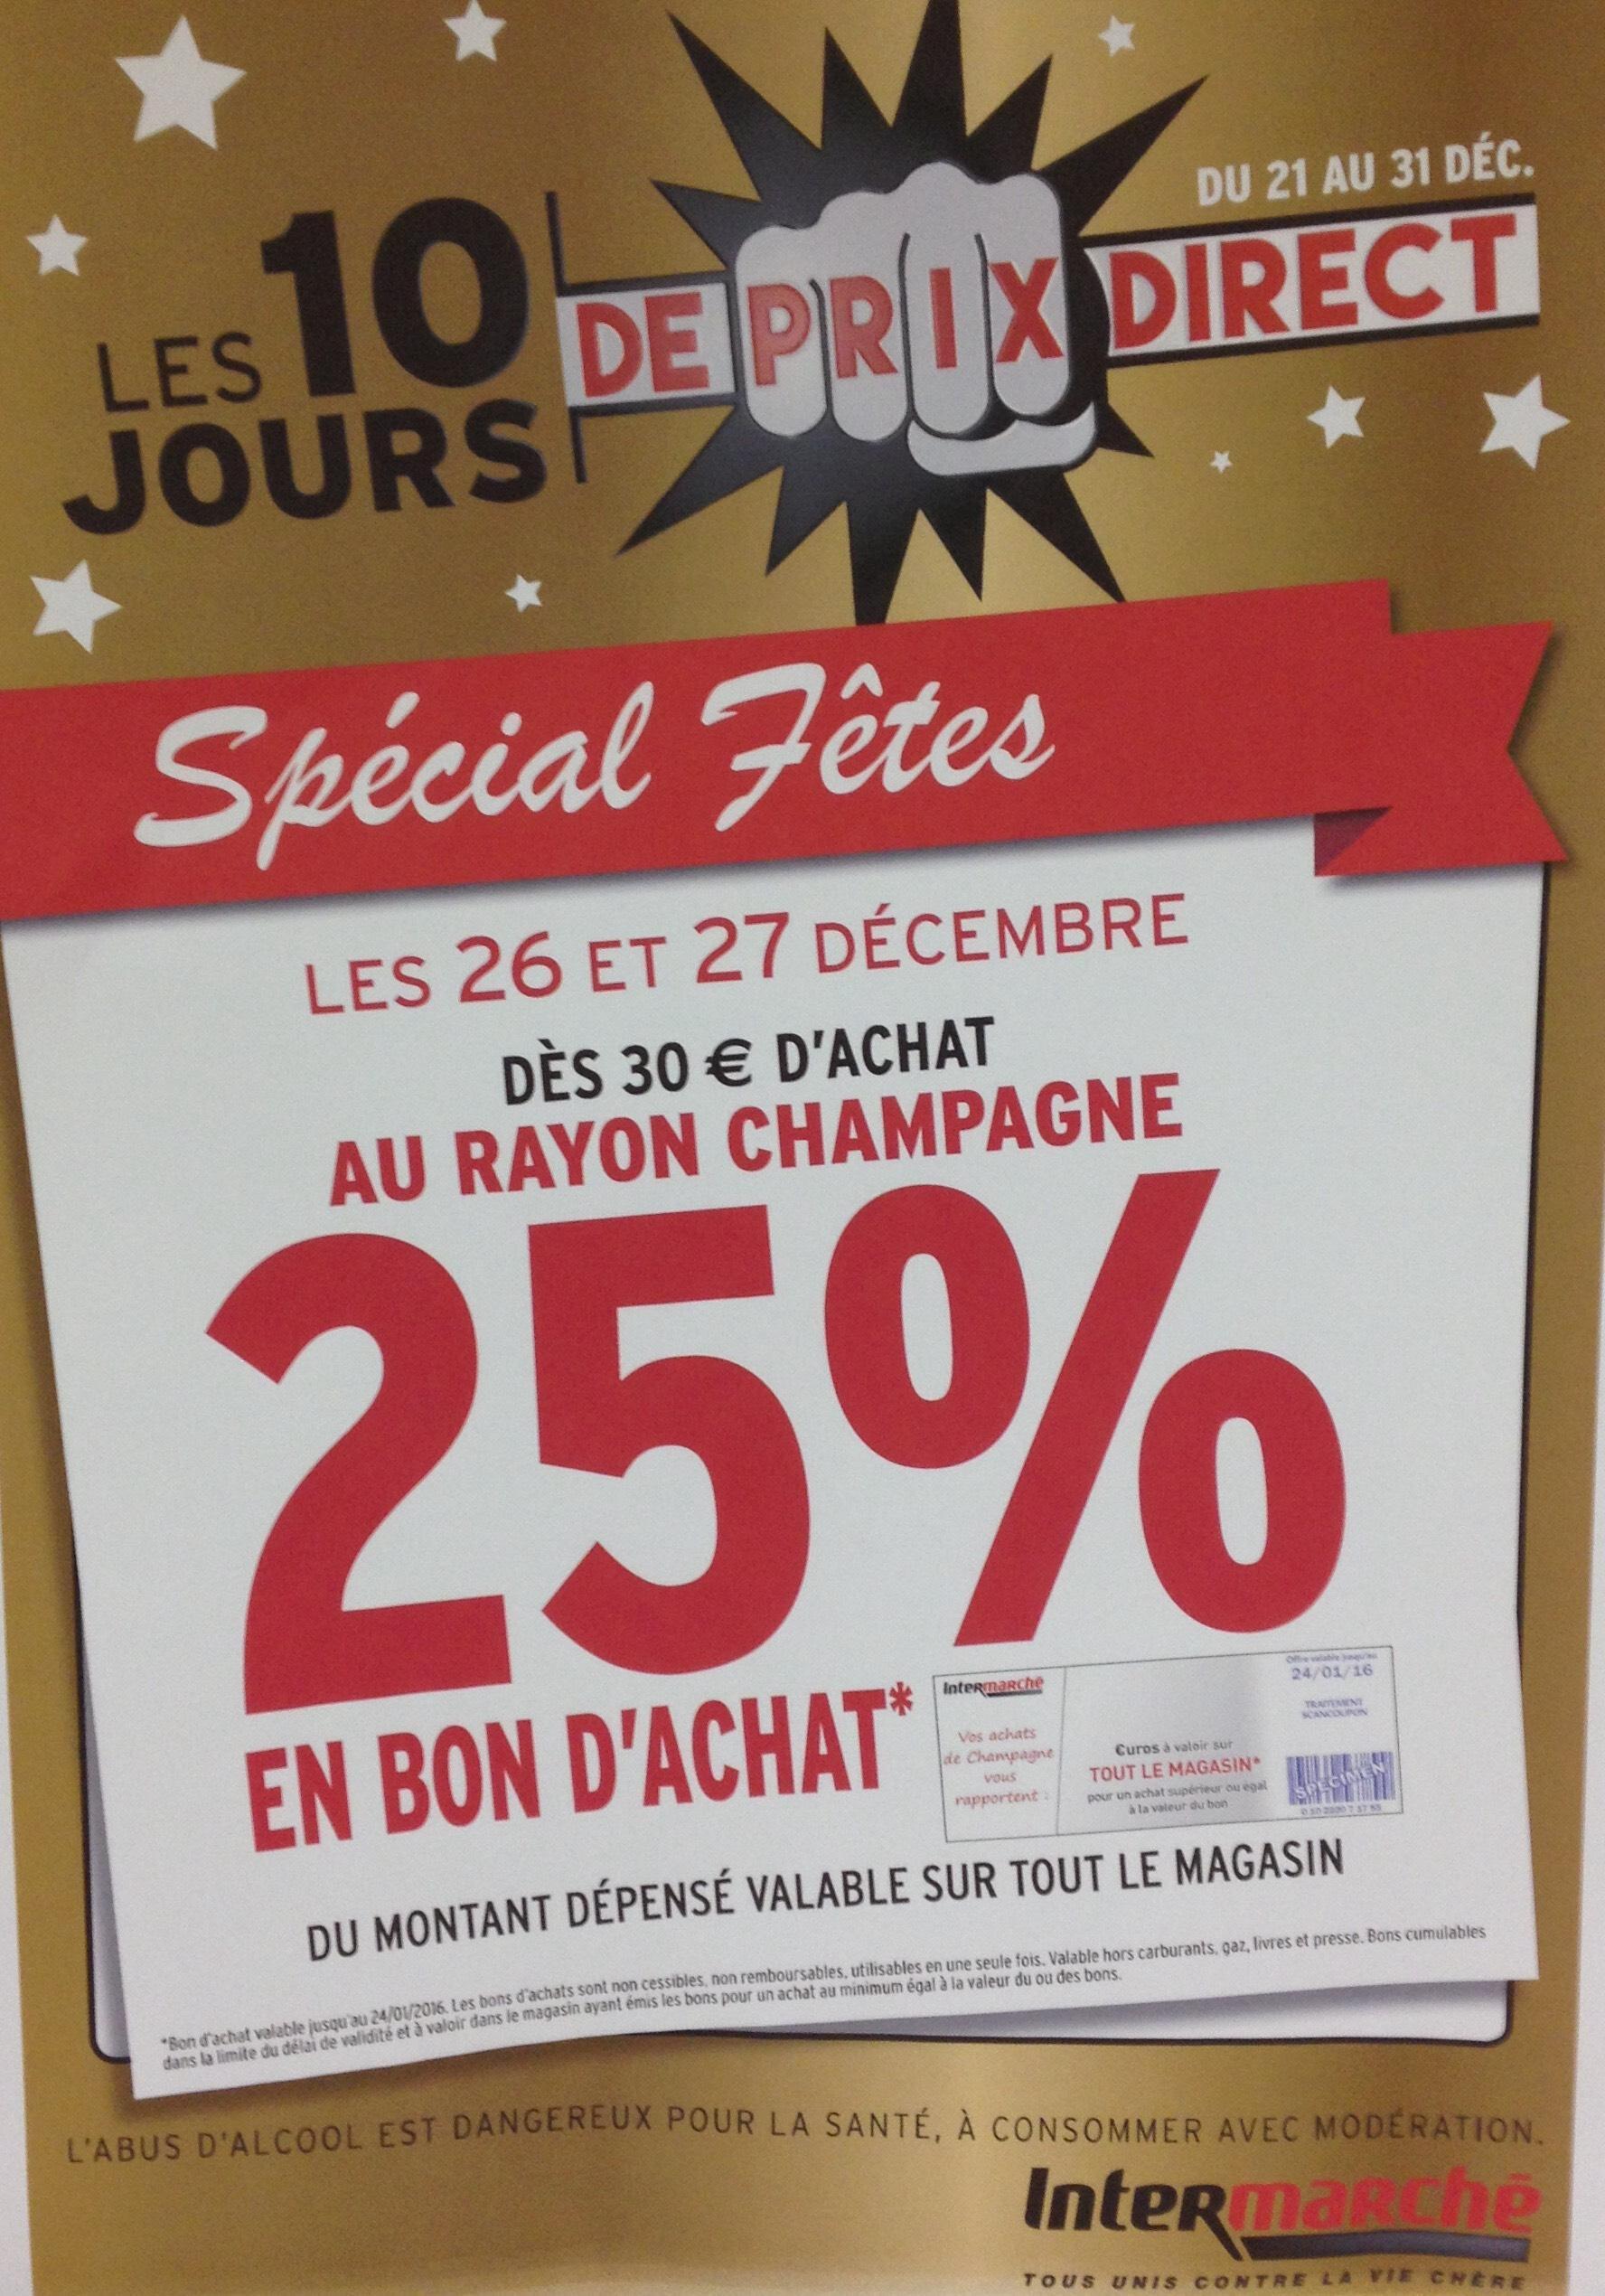 25% offerts en bon d'achat dès 30€ d'achat sur tous les champagnes